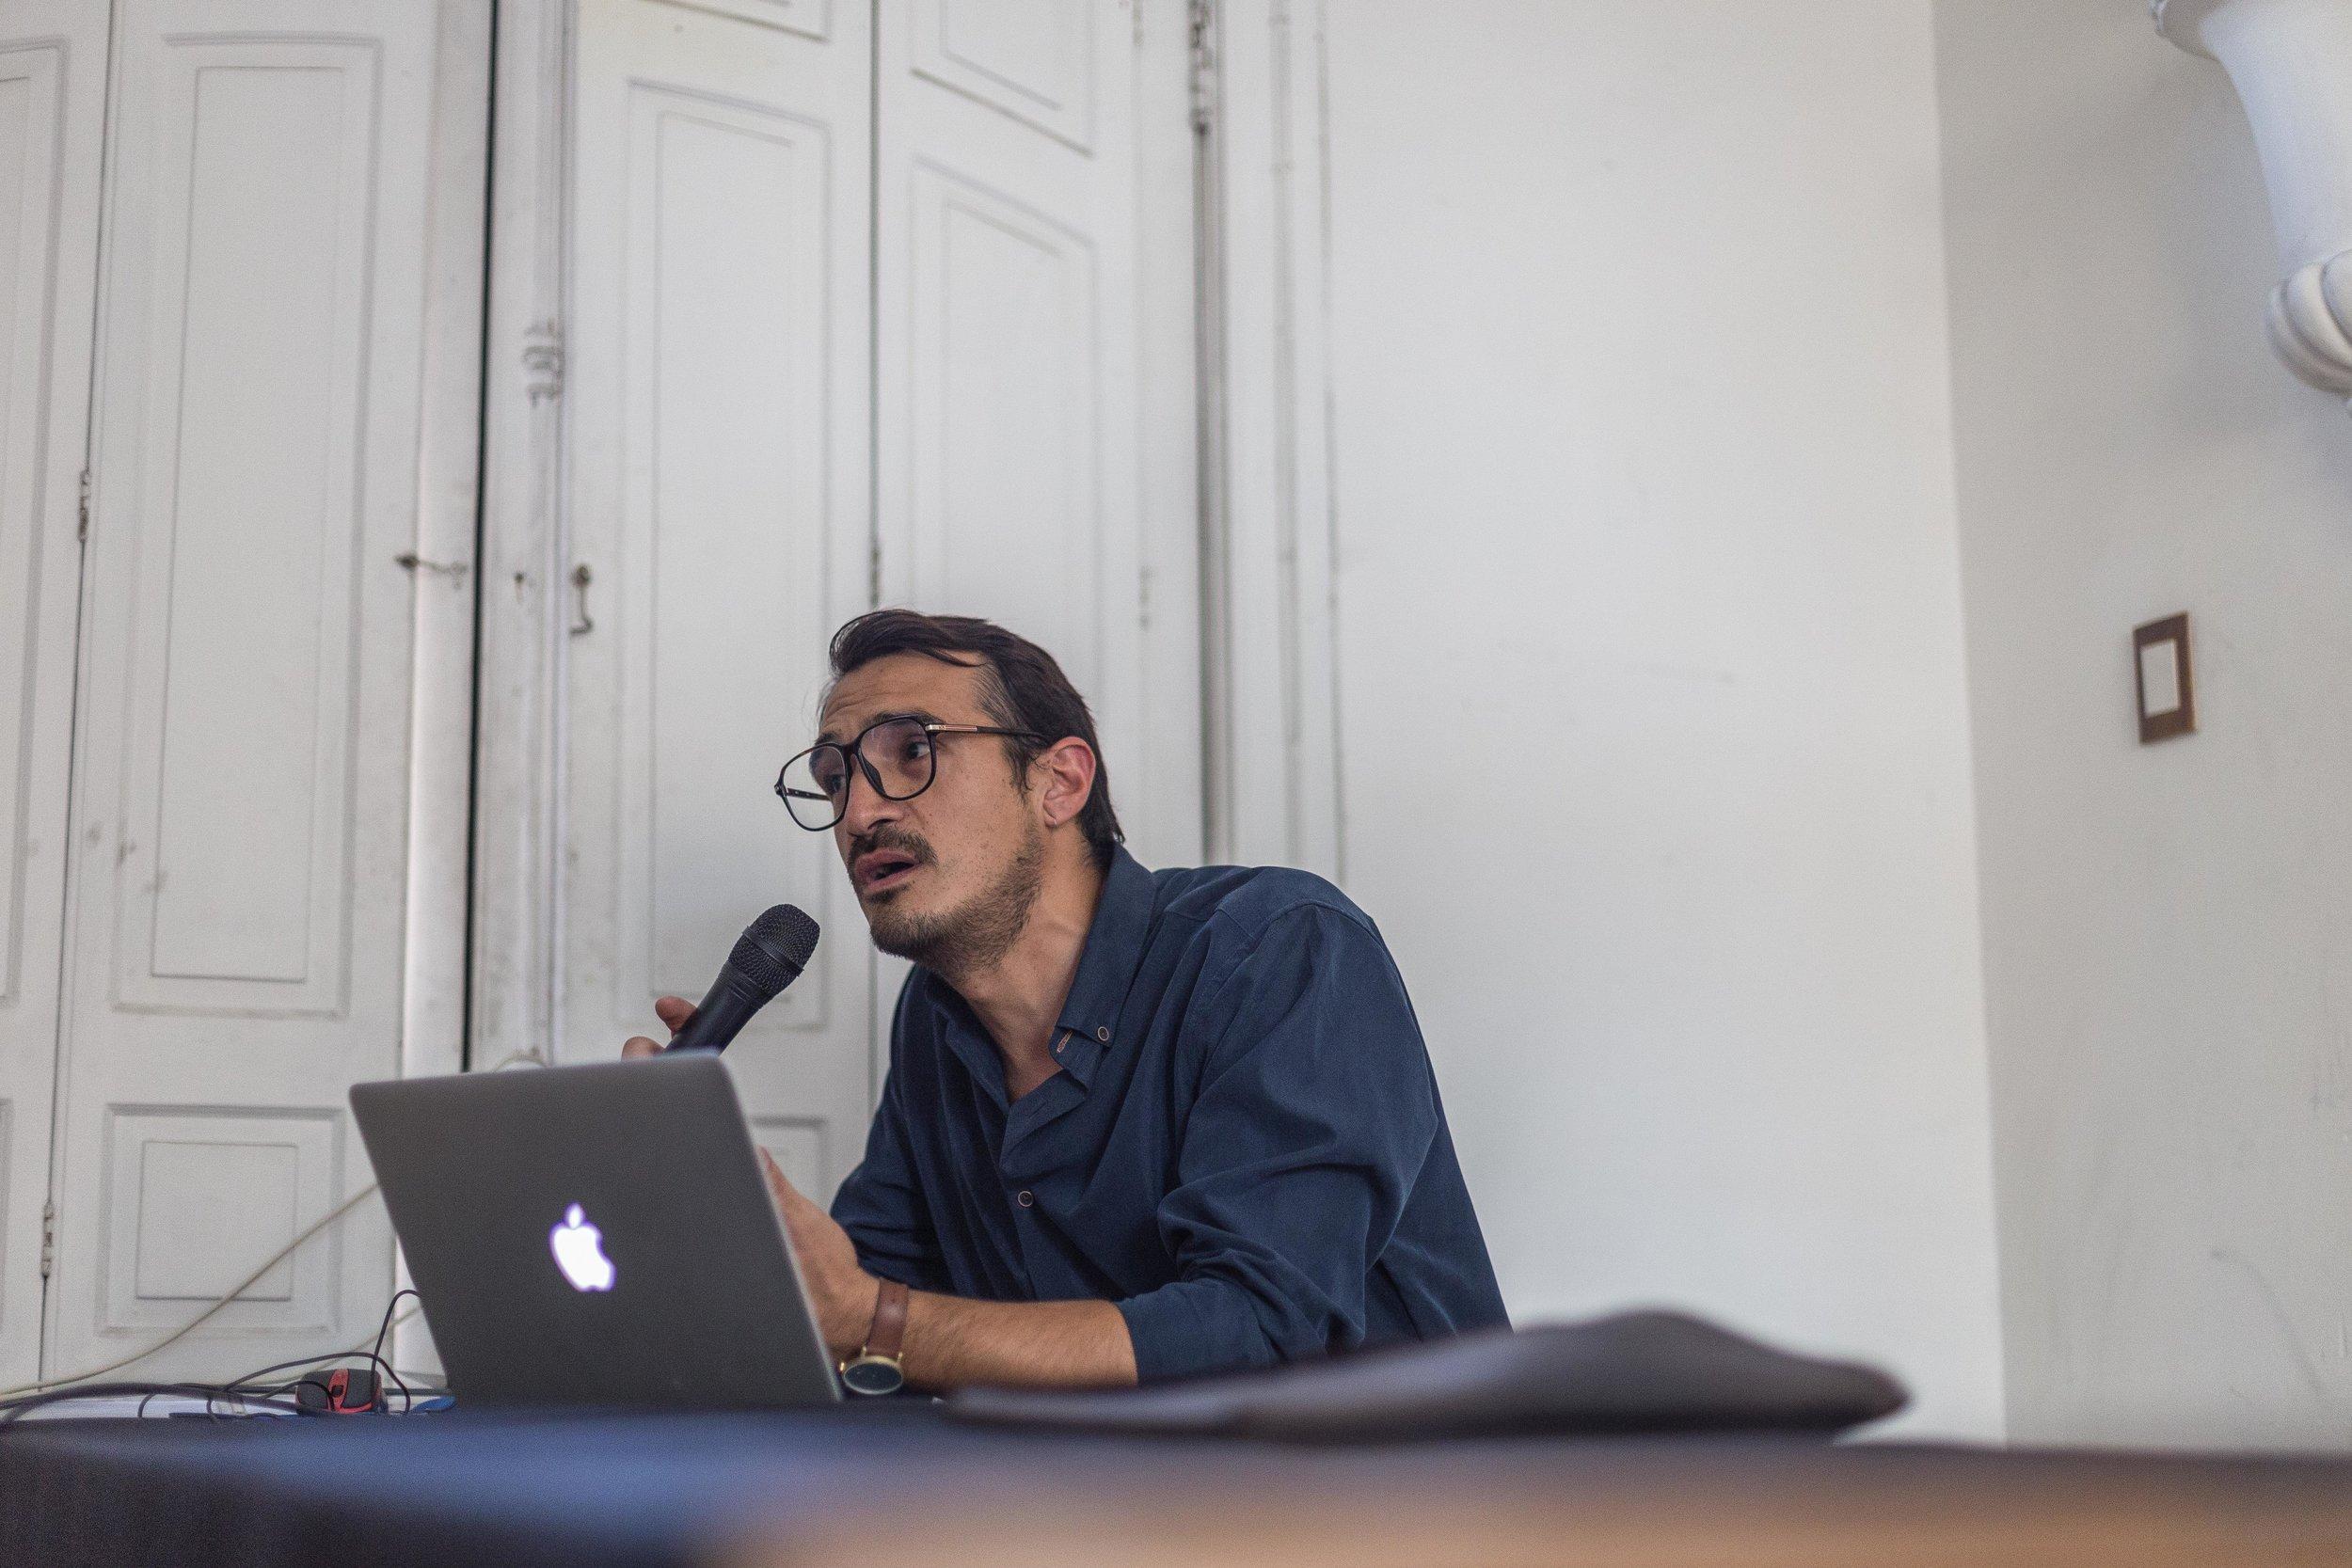 6 Jornada BIM 2019 (85) Fabian Guzman.jpg